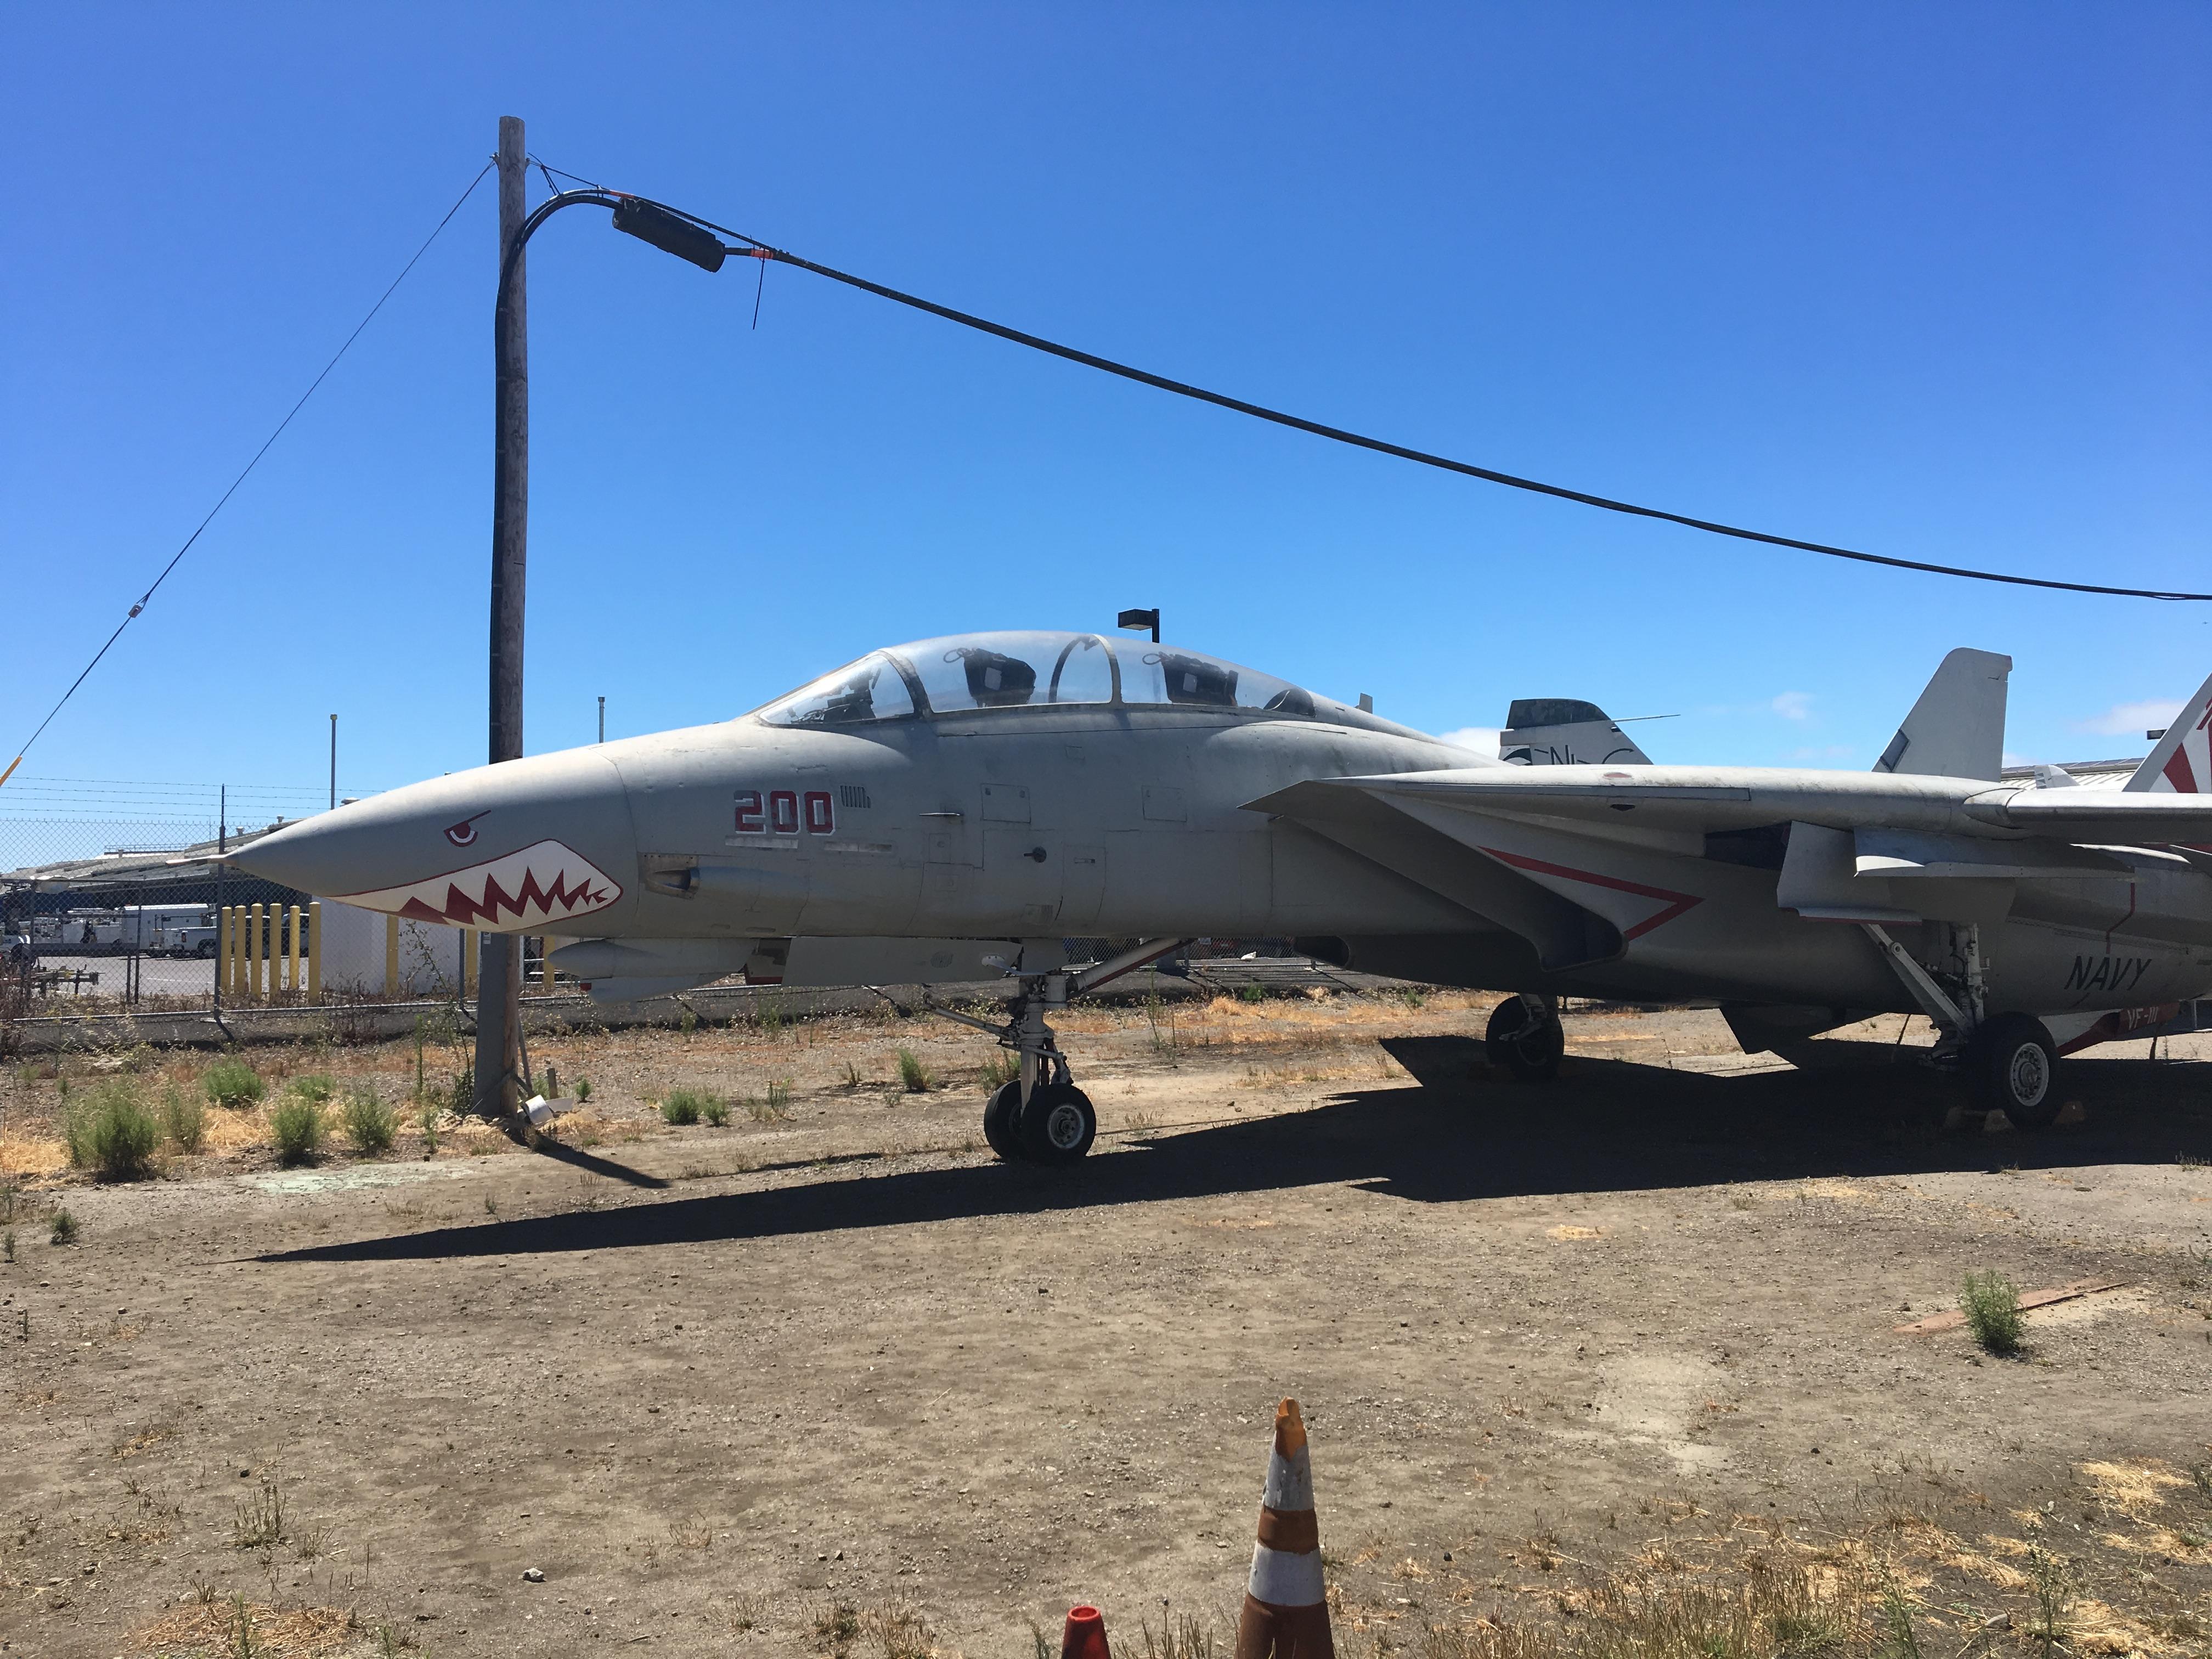 Mój ulubieniec F-14 Tomcat, a dokładnie to Grumman NF-14A Tomcat